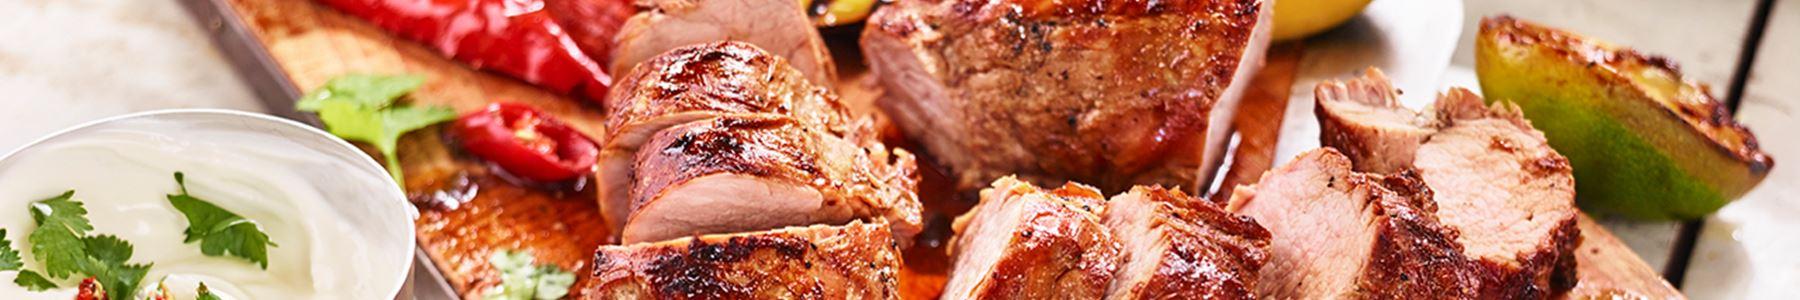 Grillat kött till huvudrätt